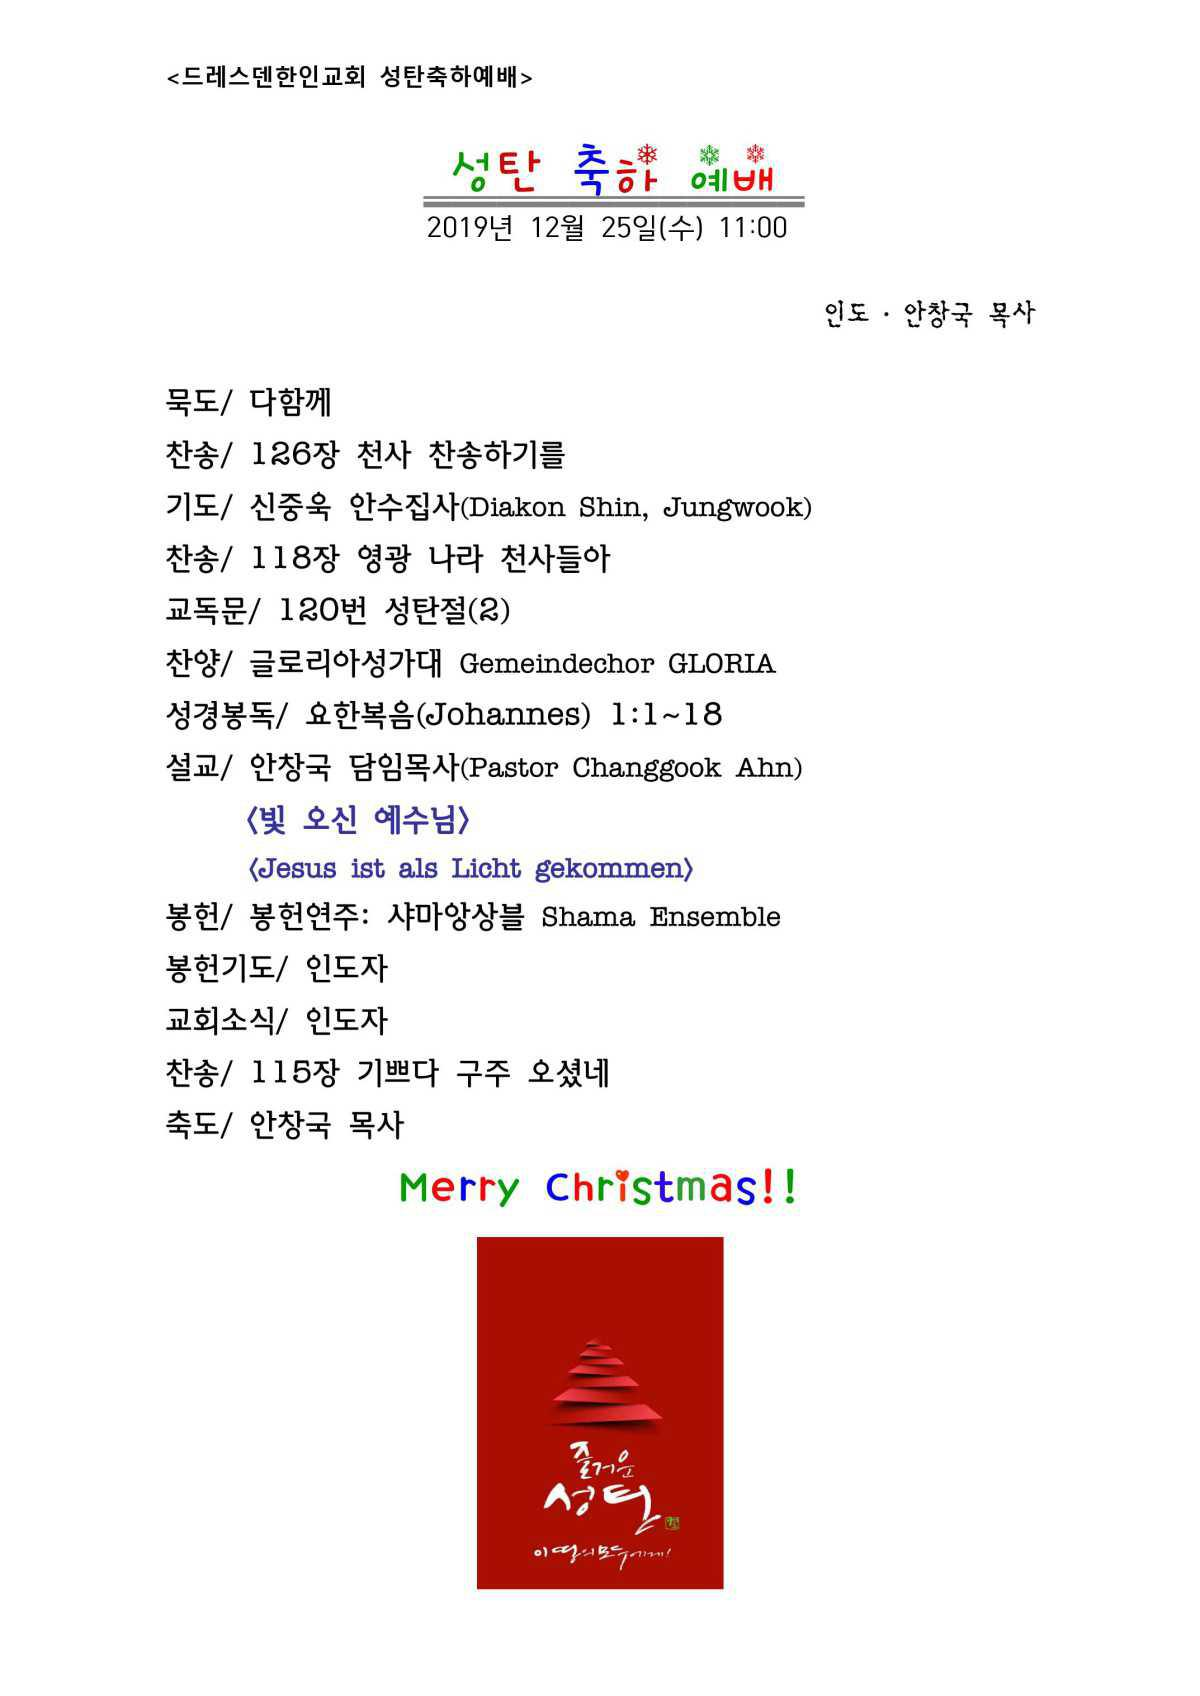 2019년 12월 25일 성탄 축하 예배 순서지